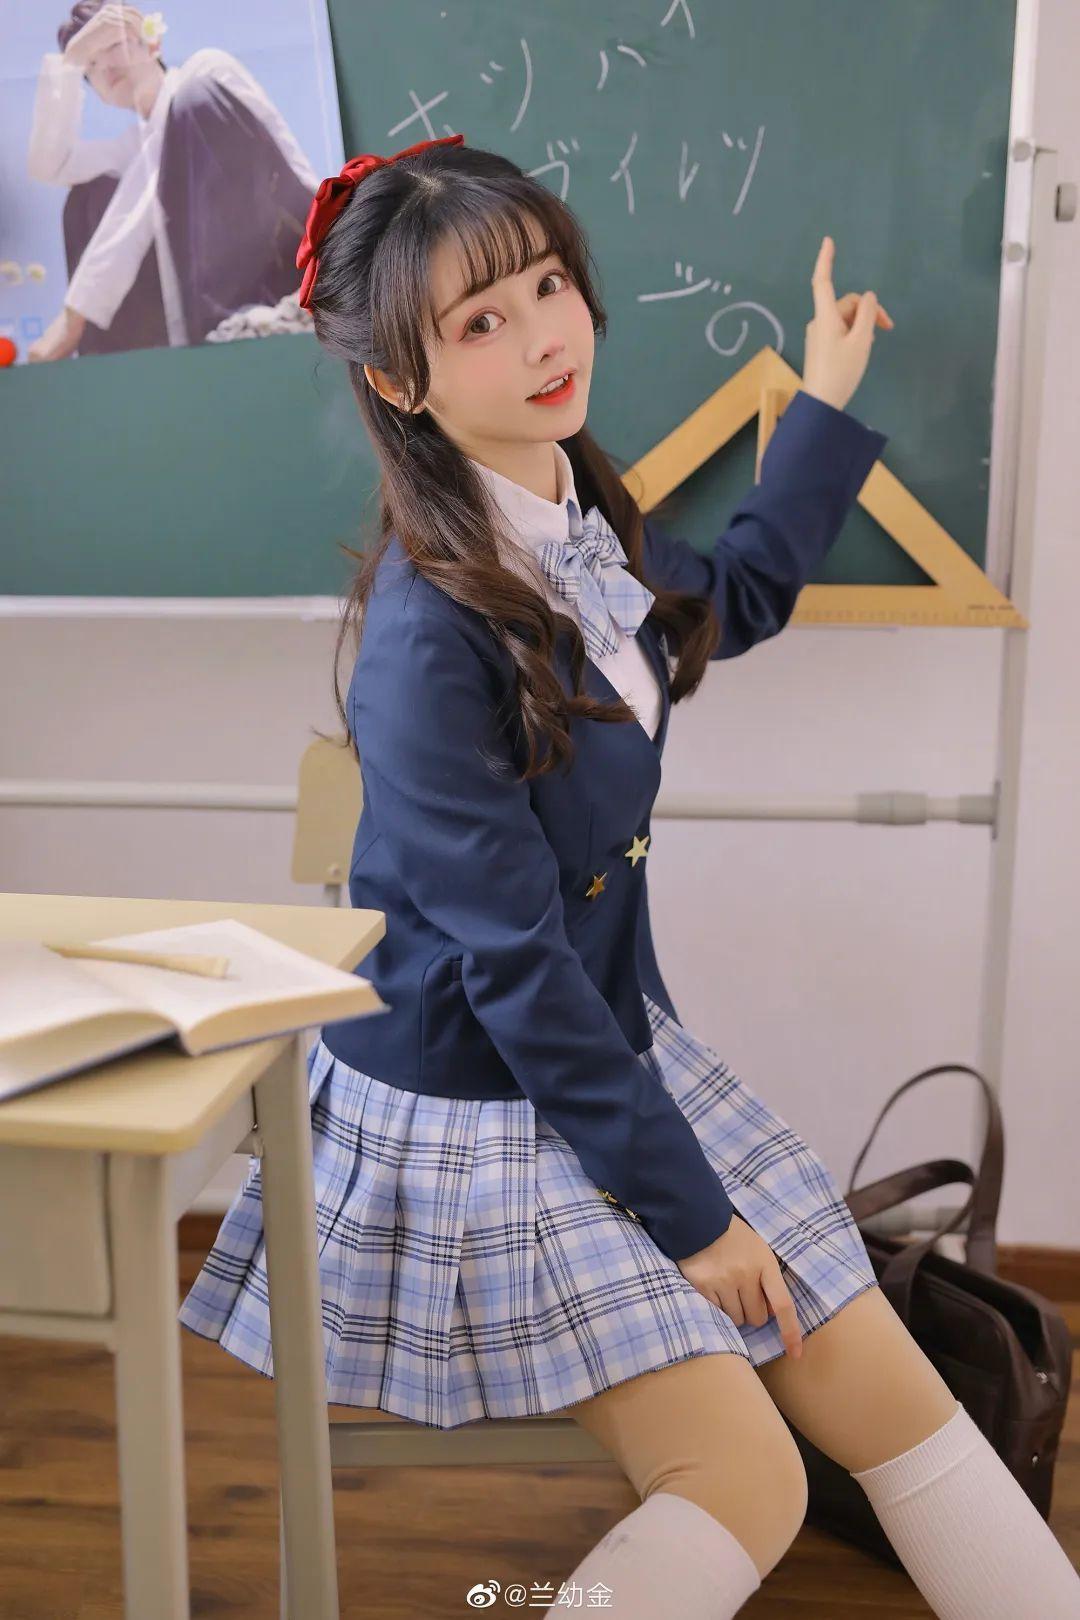 JK制服白丝袜 美少女兰幼金教室写真_图片 No.7